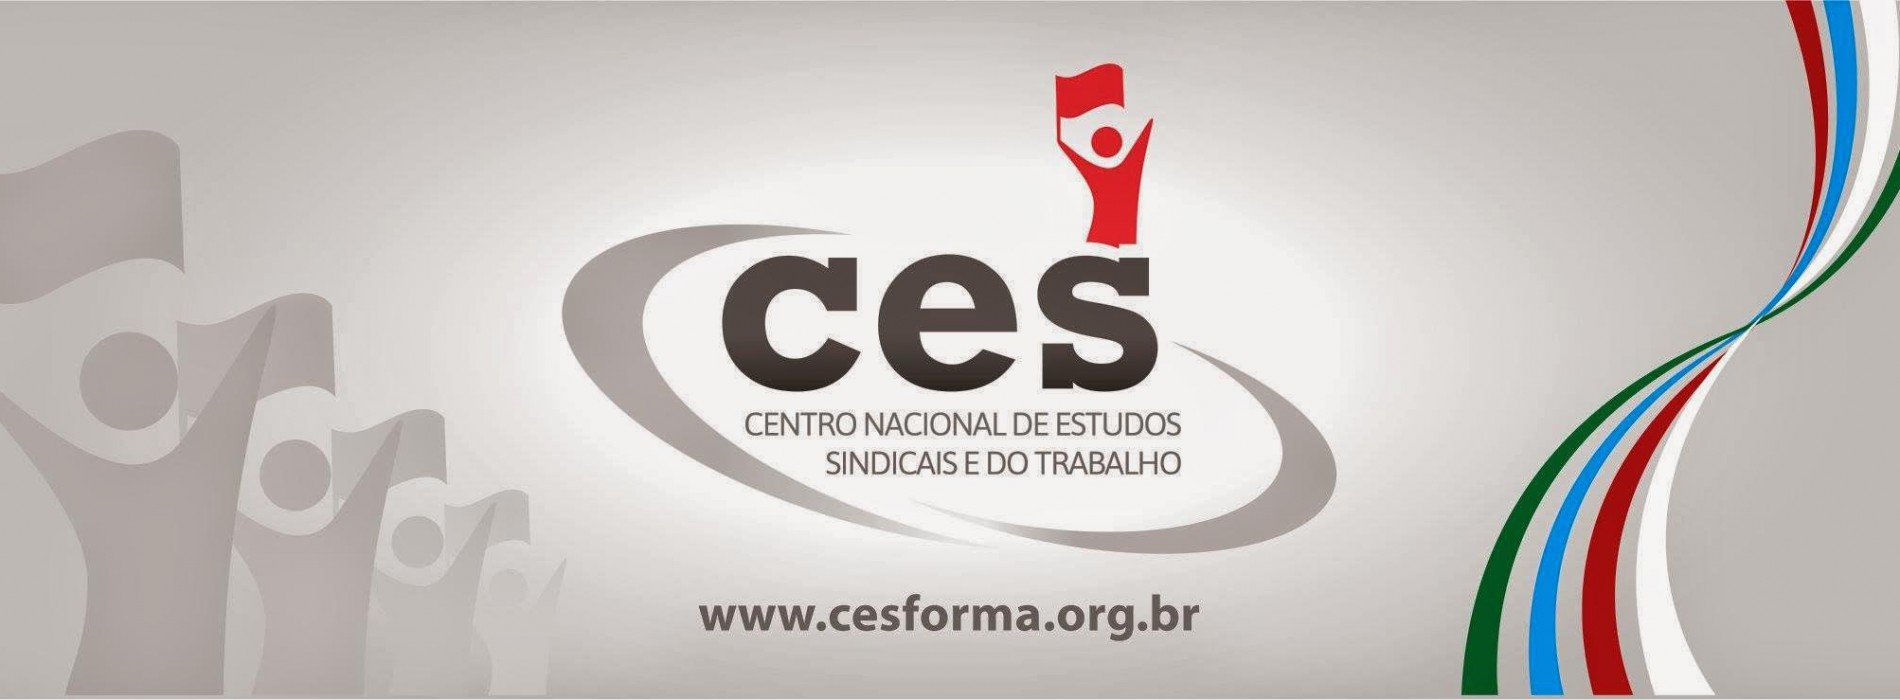 """""""A Previdência na Atual Conjuntura"""" é o tema da palestra do CES"""